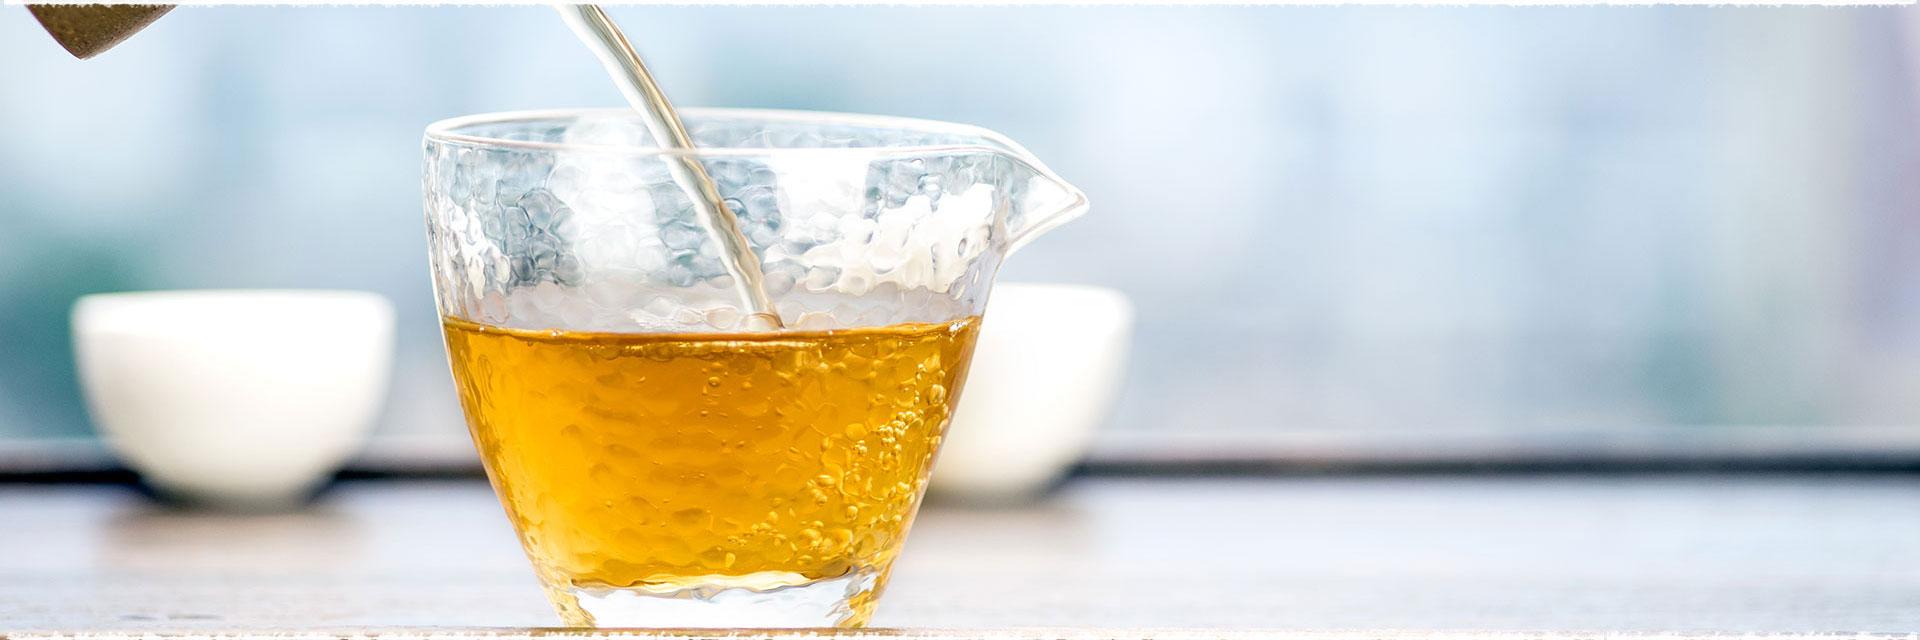 Prélever un morceau de PuErh dans votre galette, brique ou TuoCha.